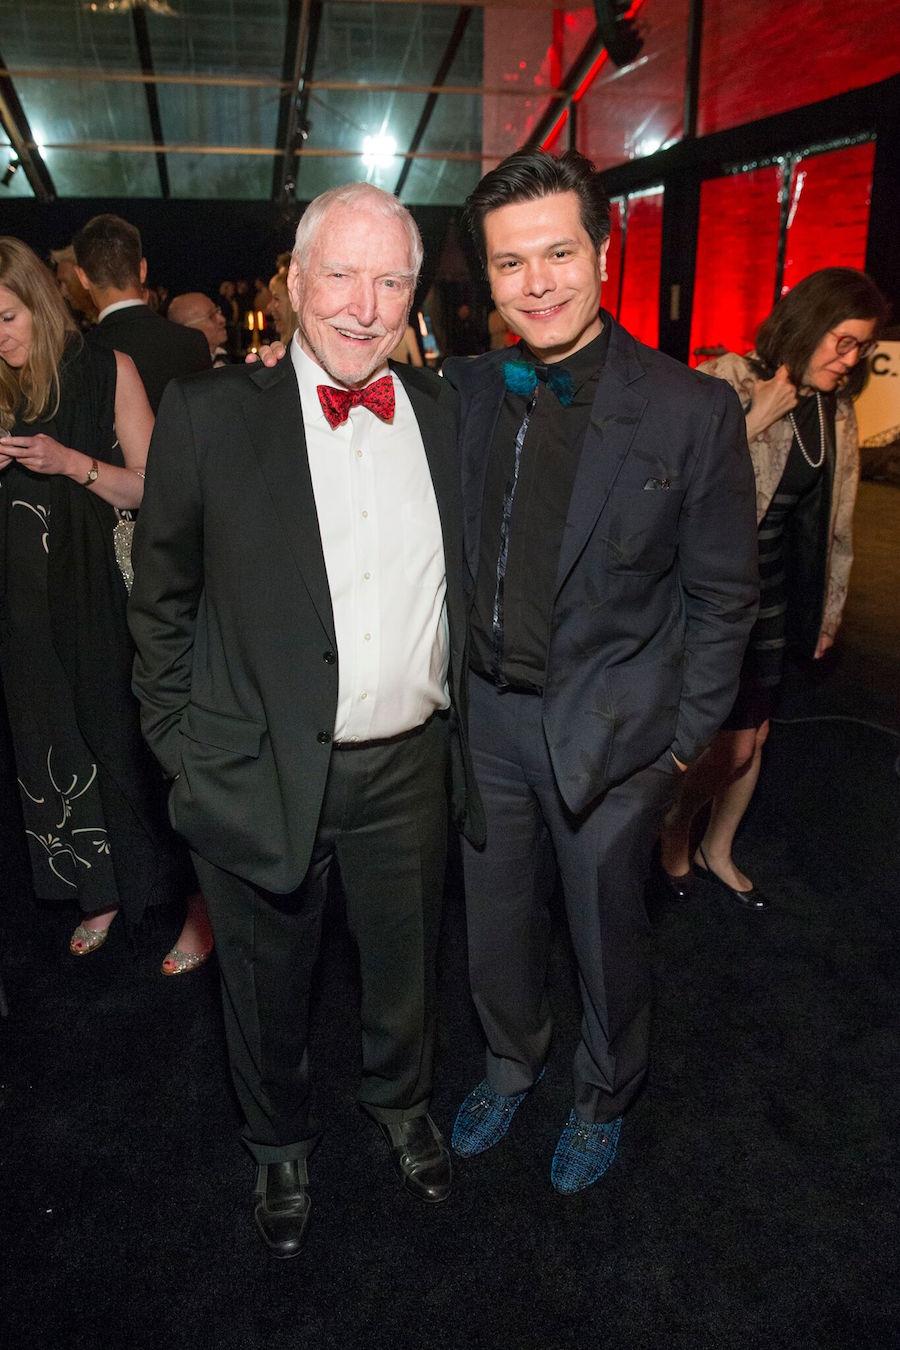 James Hormel and Michael Nguyen-Hormel